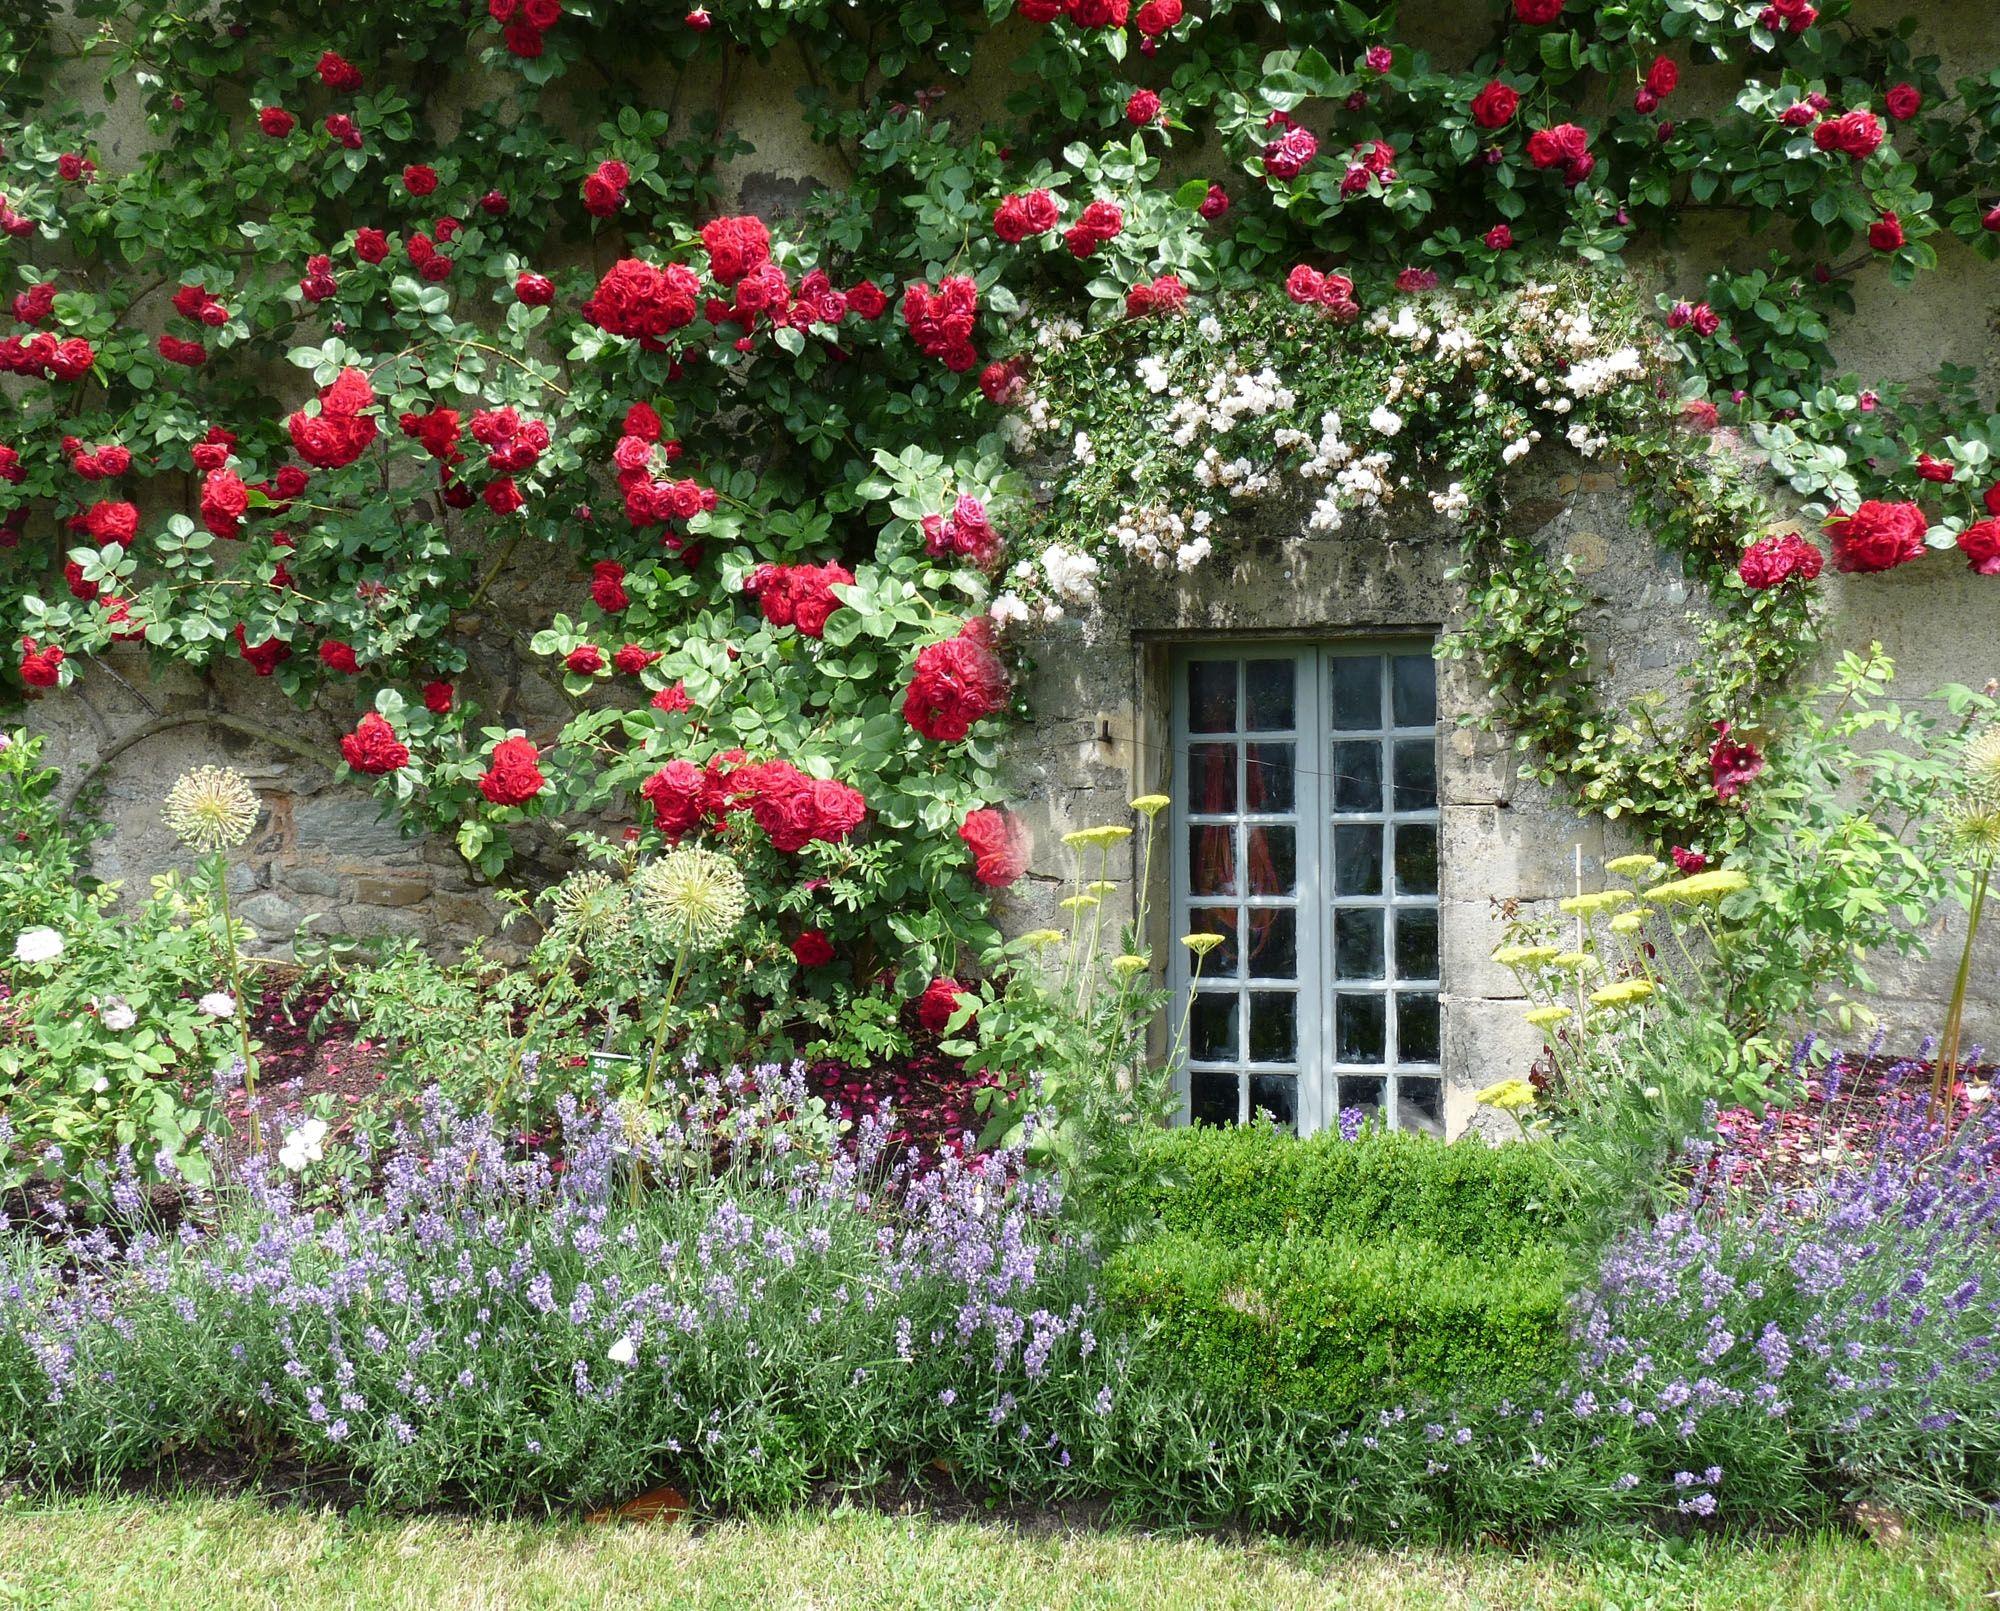 Fleurs devant maison lilo jardin pinterest fleur for Jardin lilo